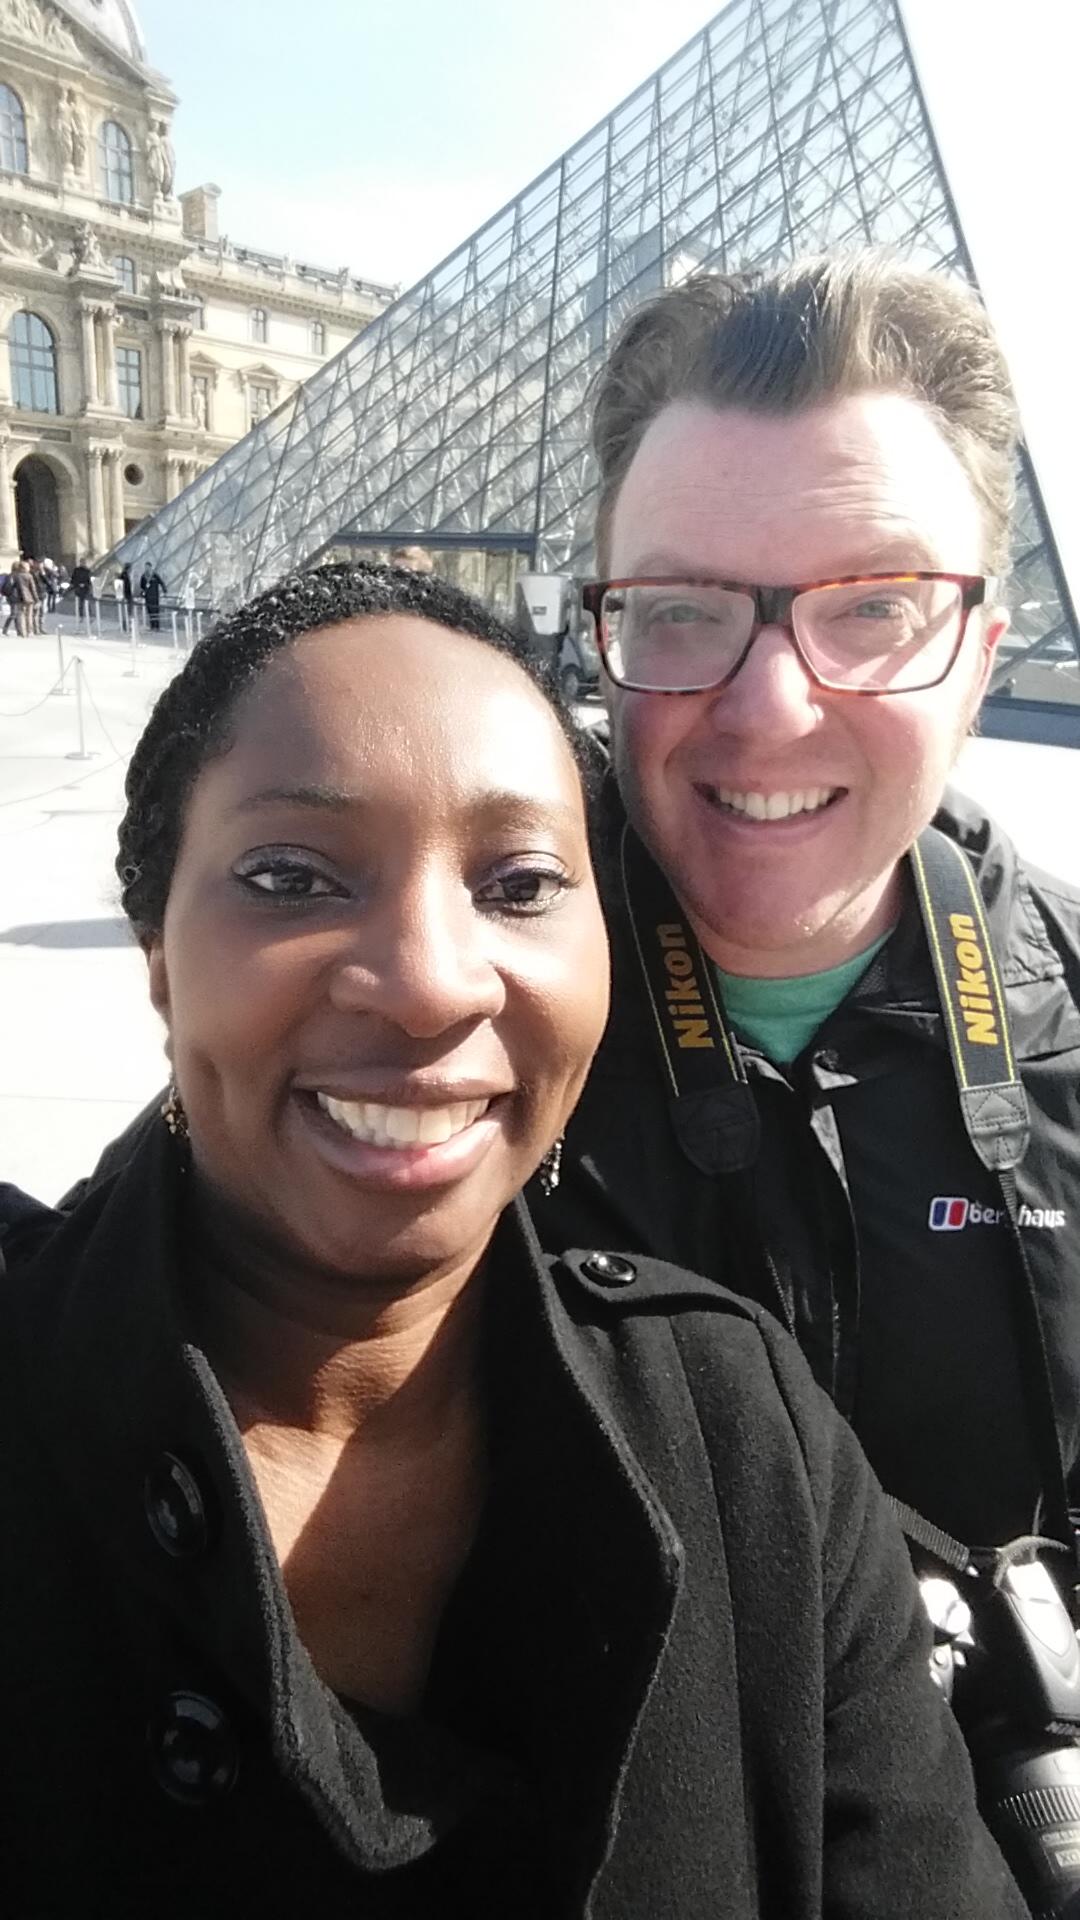 Selfie at the Louvres - Wendy & Matt Shearer